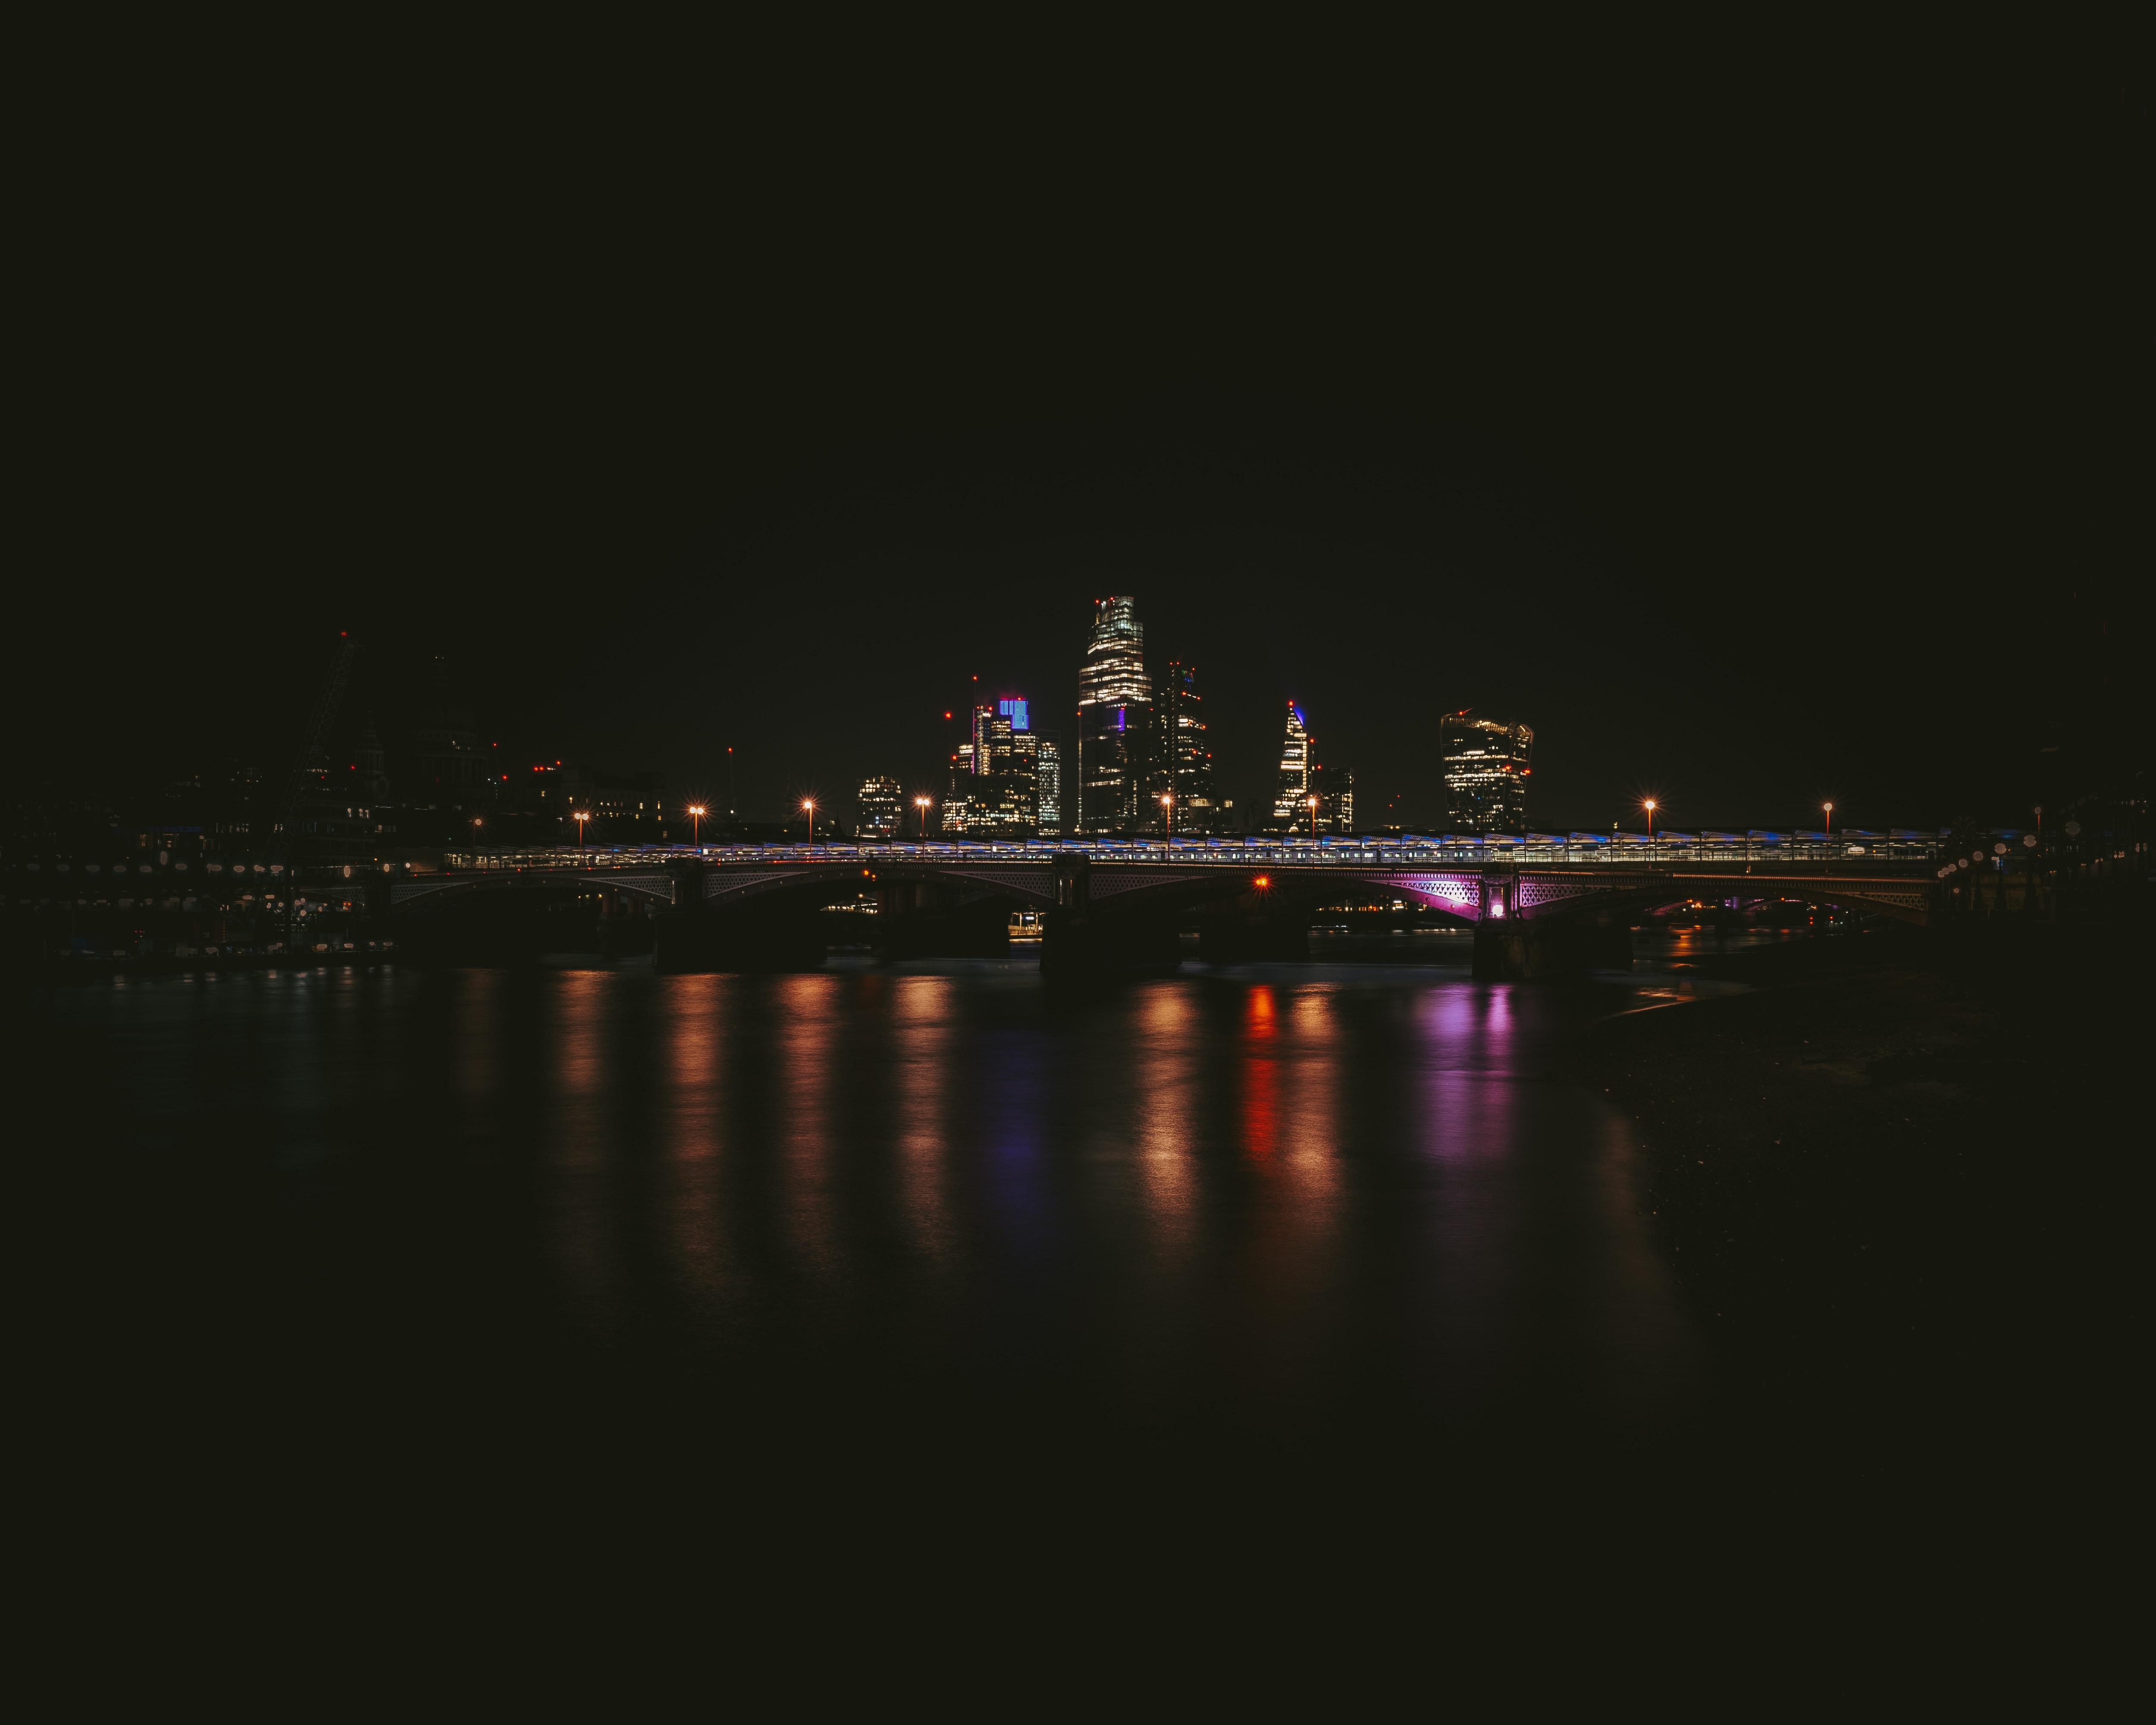 139496 Hintergrundbild 1024x600 kostenlos auf deinem Handy, lade Bilder Wasser, Gebäude, Reflexion, Dunkel, Nächtliche Stadt, Night City, Brücke 1024x600 auf dein Handy herunter